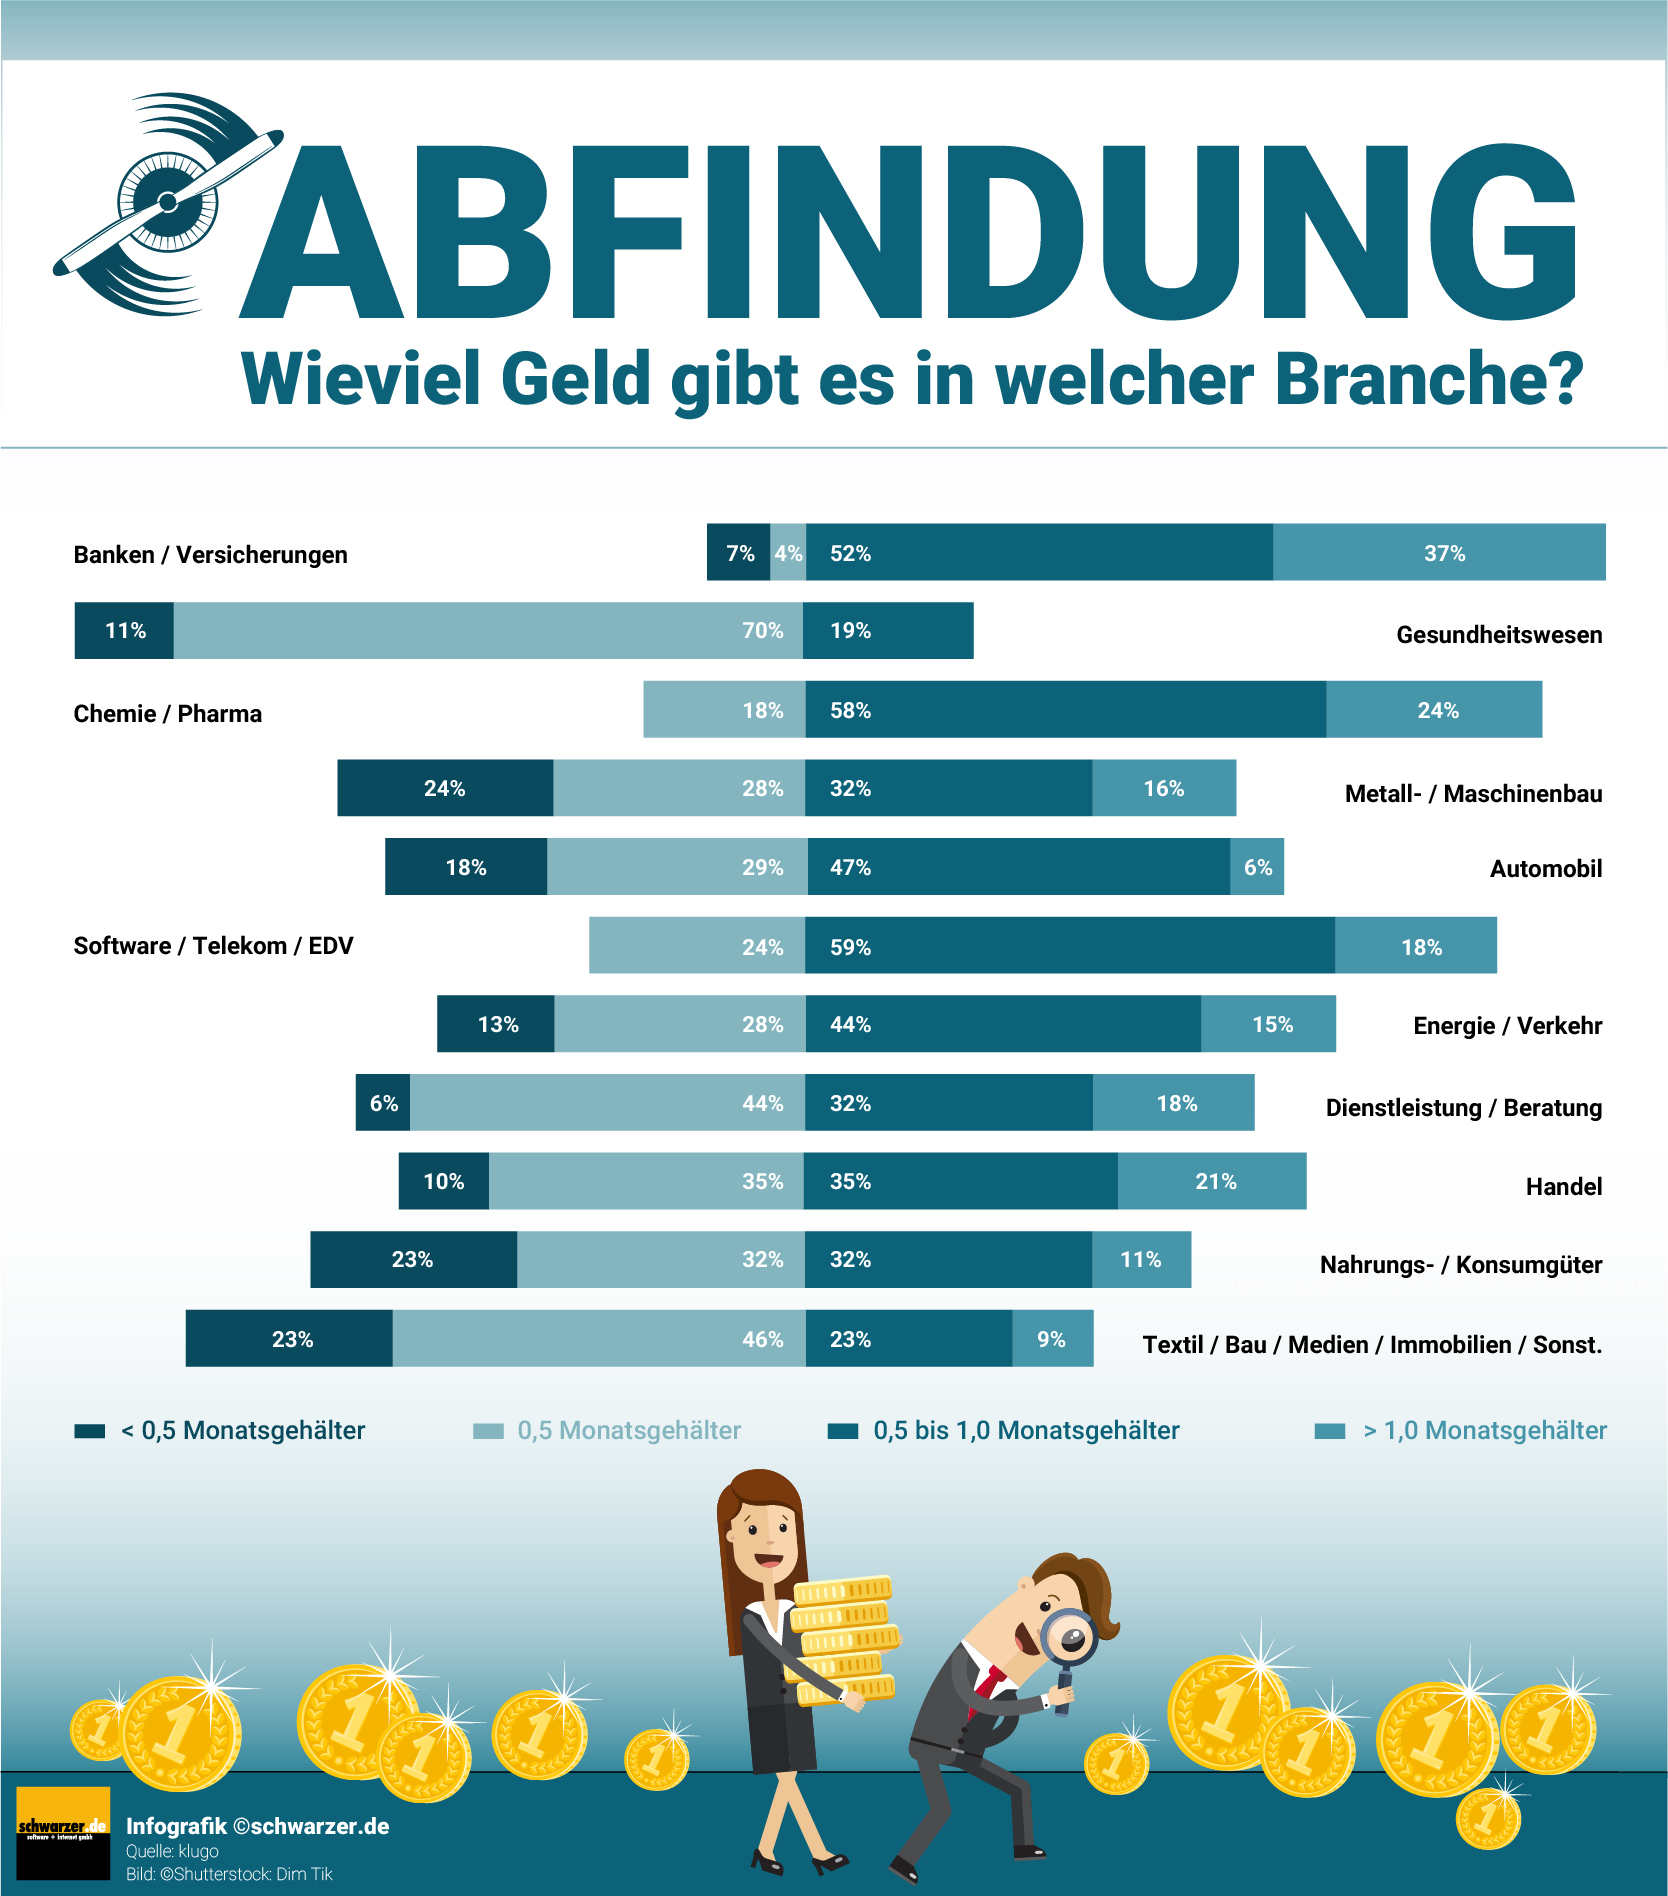 Infografik: Abfindung - Wieviel Geld gibt es in welcher Branche? Ist die Abfindungshöhe branchenabhängig?